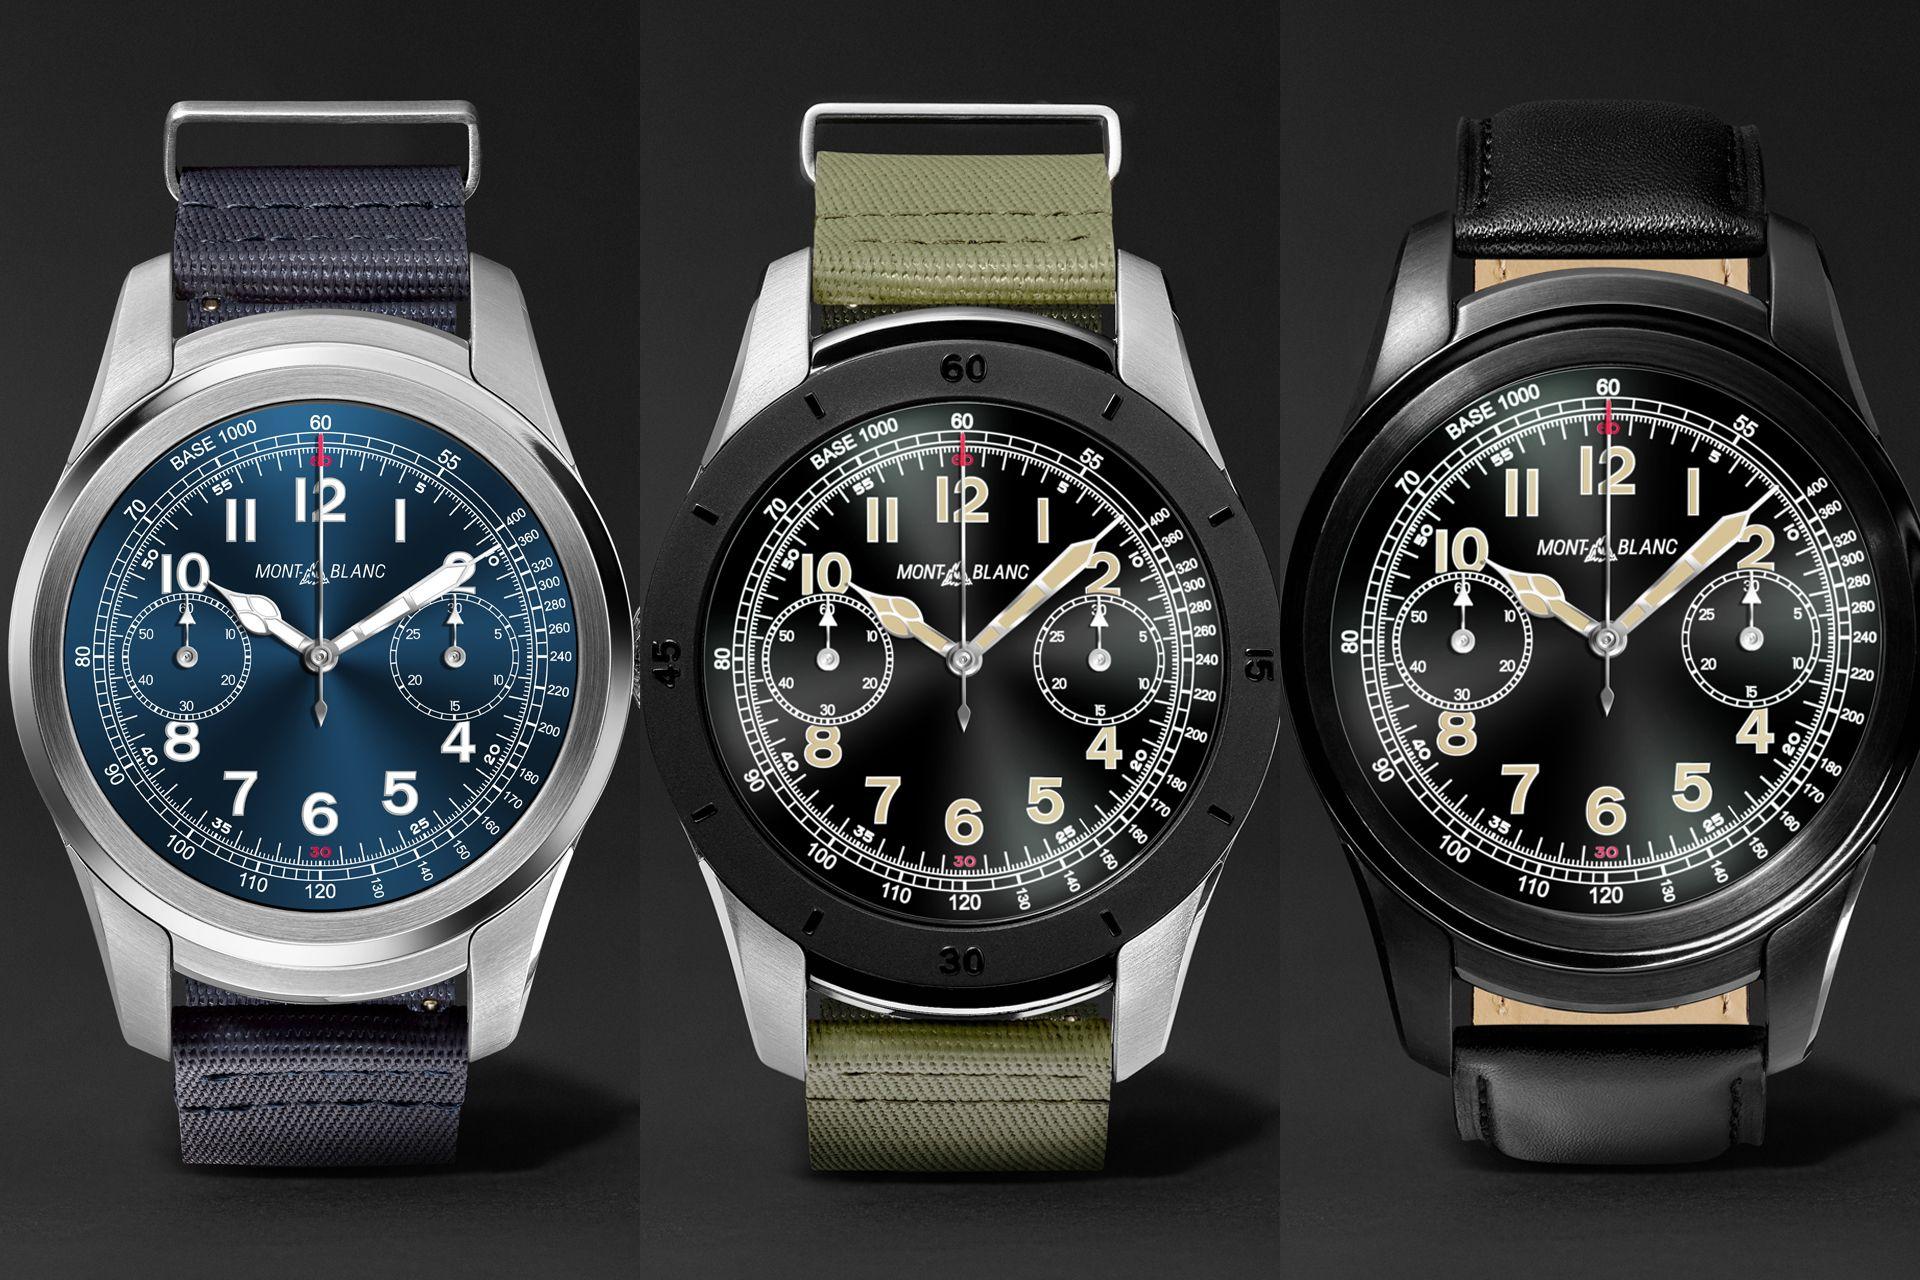 Exclusive Montblanc Summit smartwatch launch